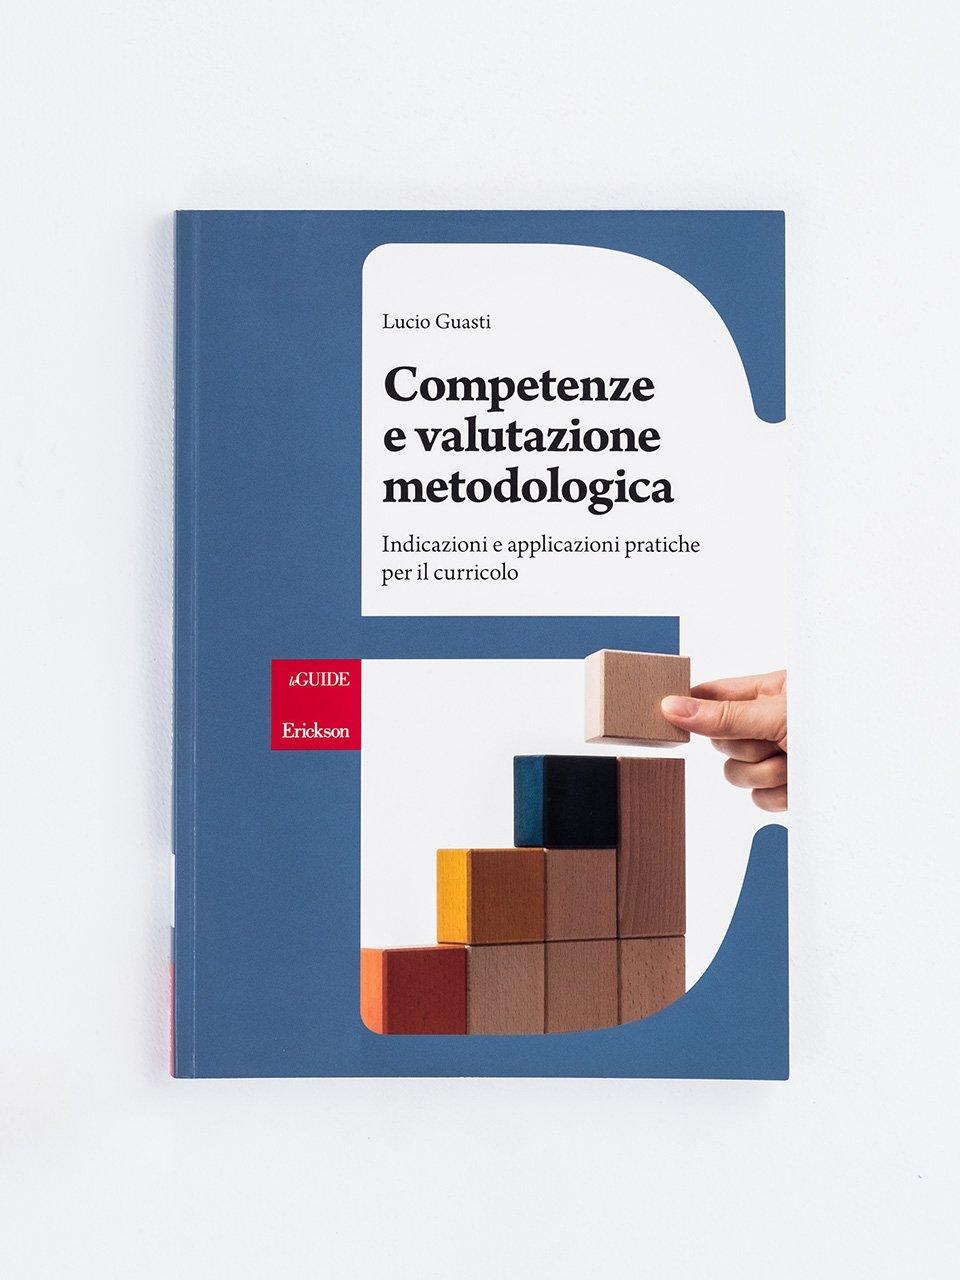 Competenze e valutazione metodologica - Insegnare domani Scuola Secondaria – Sostegno - Co - Formazione - Erickson